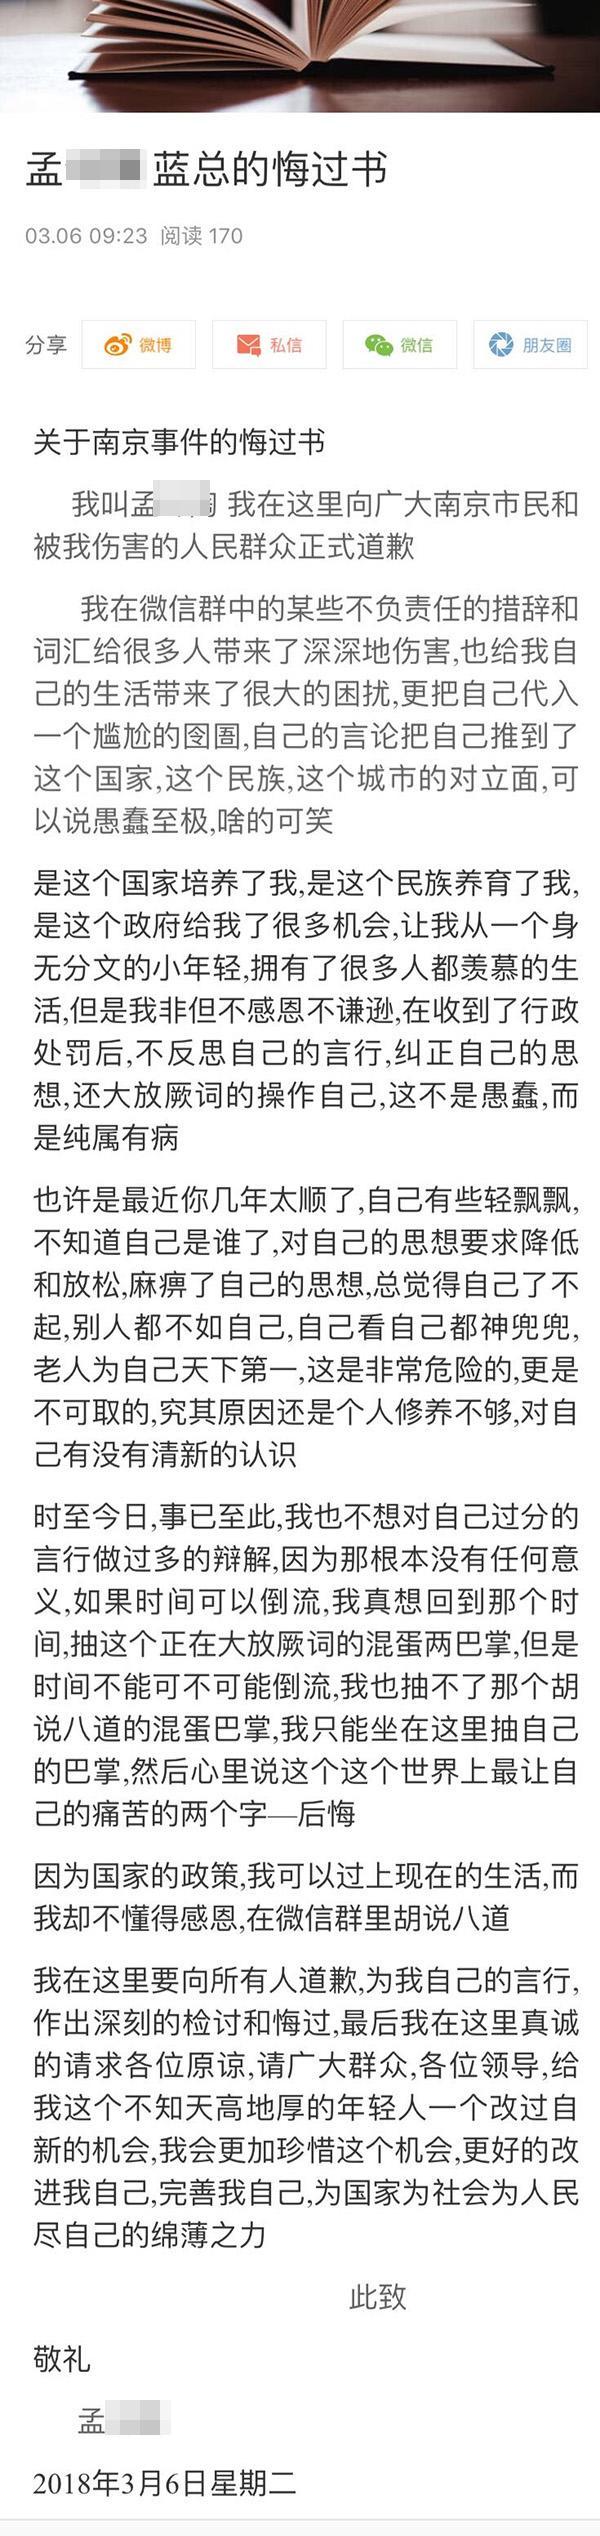 侮辱南京大屠杀遇难者后再挑衅 男子发微